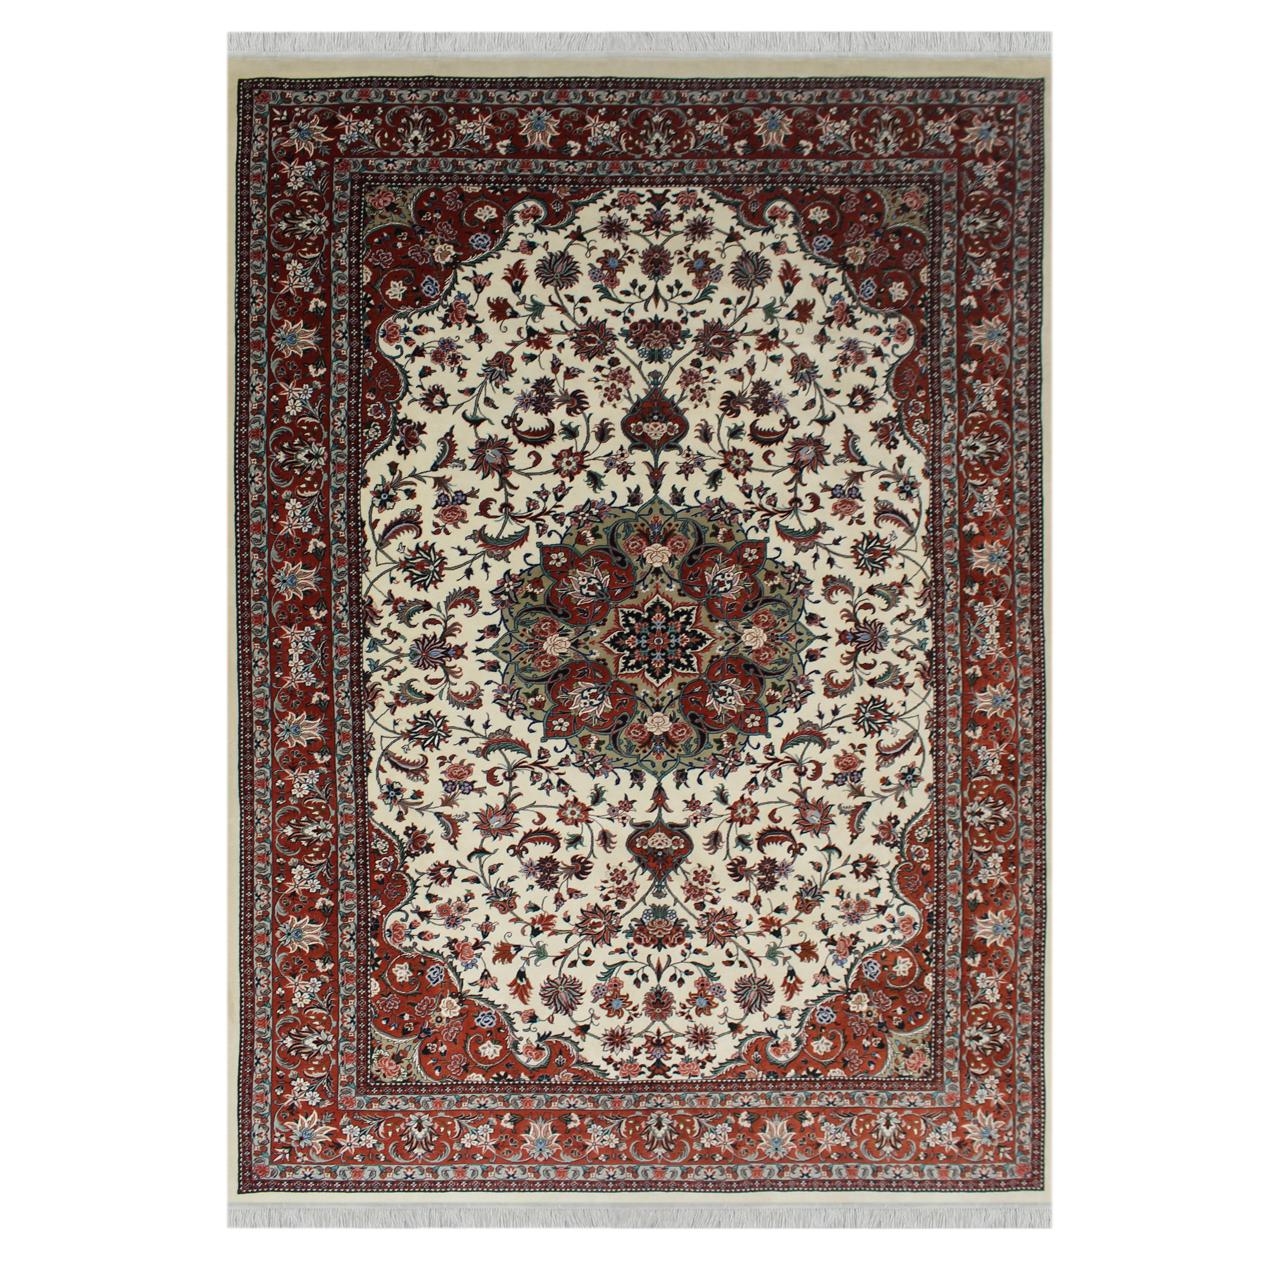 فرش دستبافت شش و نیم متری مدل بیجار کد 1103588